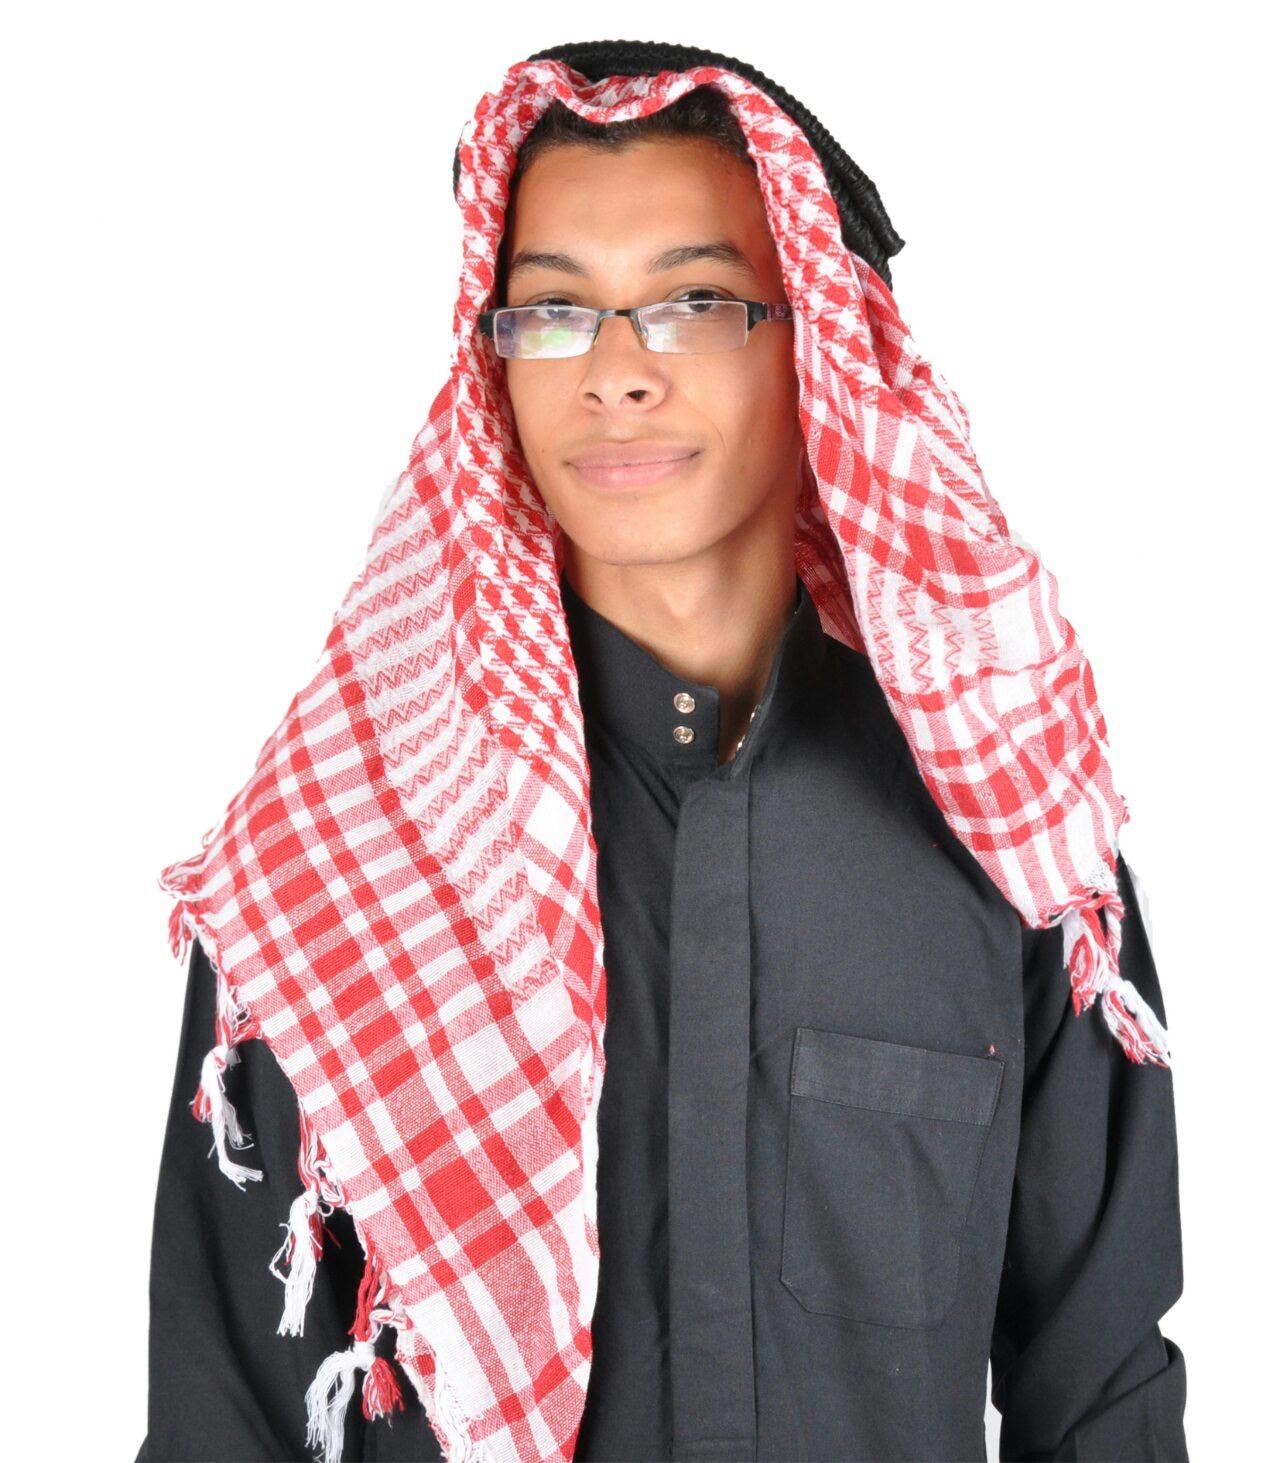 Kopfbedeckung Scheich Arabische Manner Kopfbedeckung Karneval Fasching